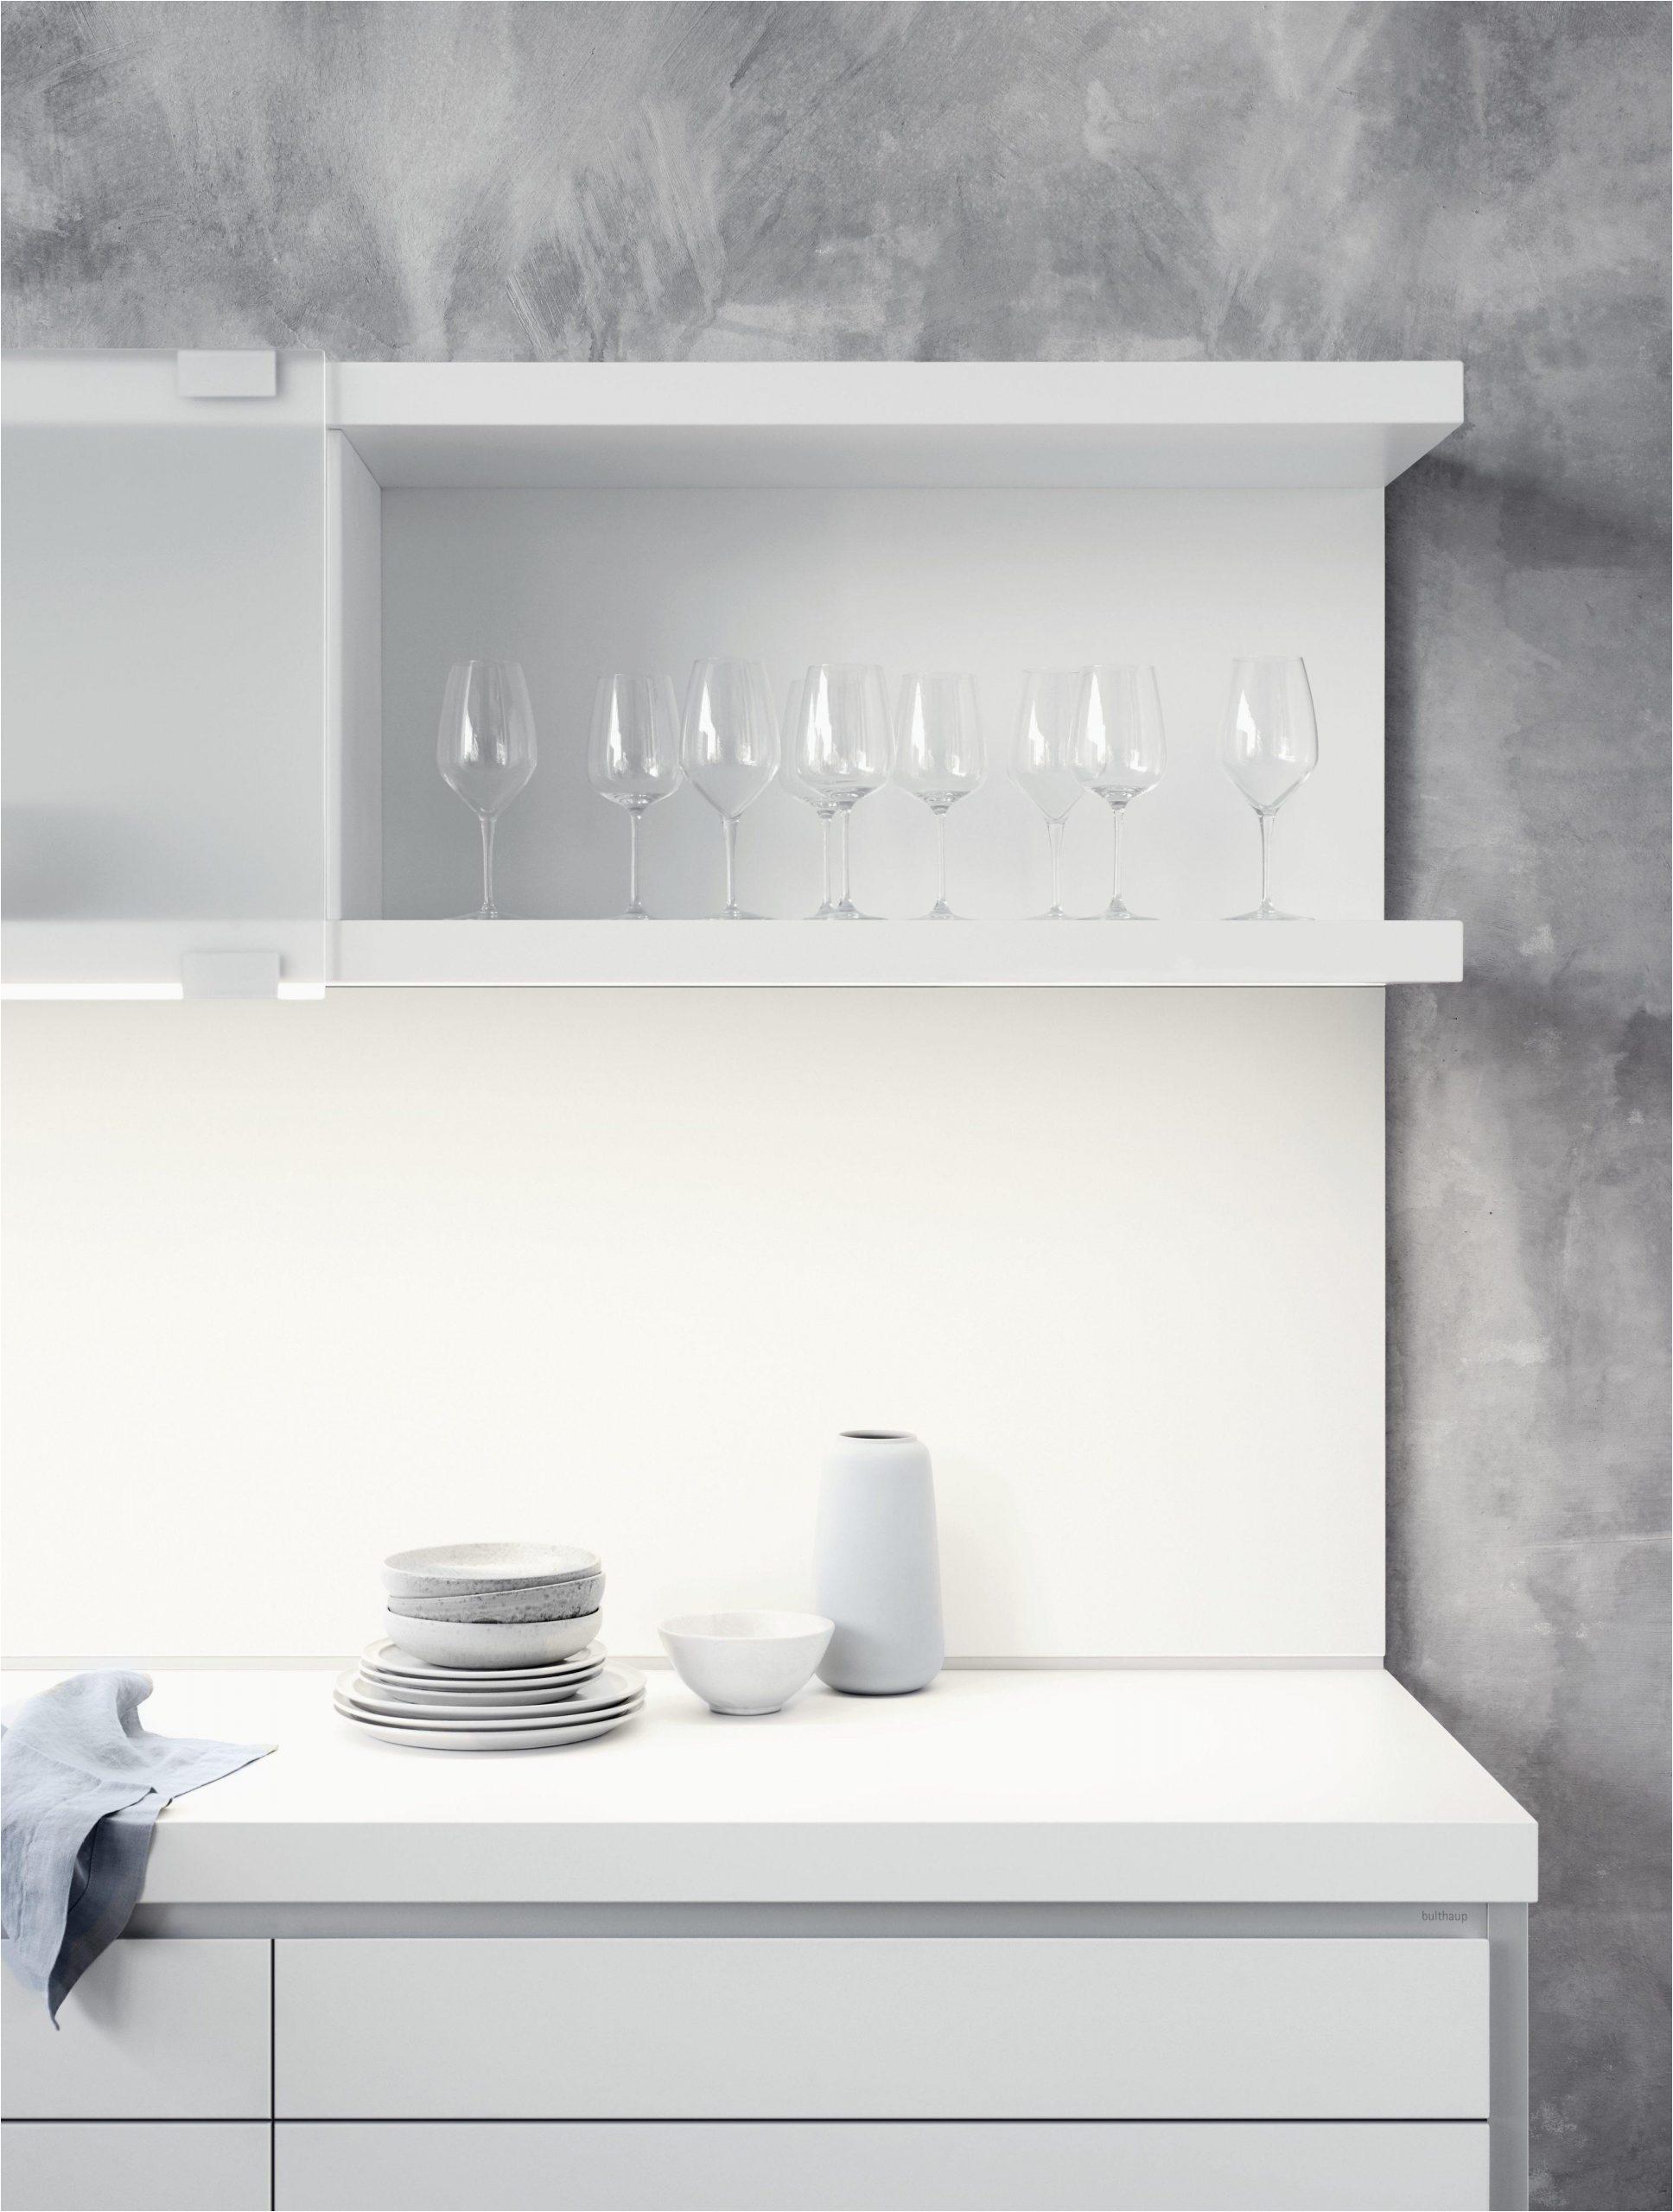 hängeschrank küche günstig glas hängeschrank küche buche eck hängeschrank küche hängeschrank küche weiß scaled